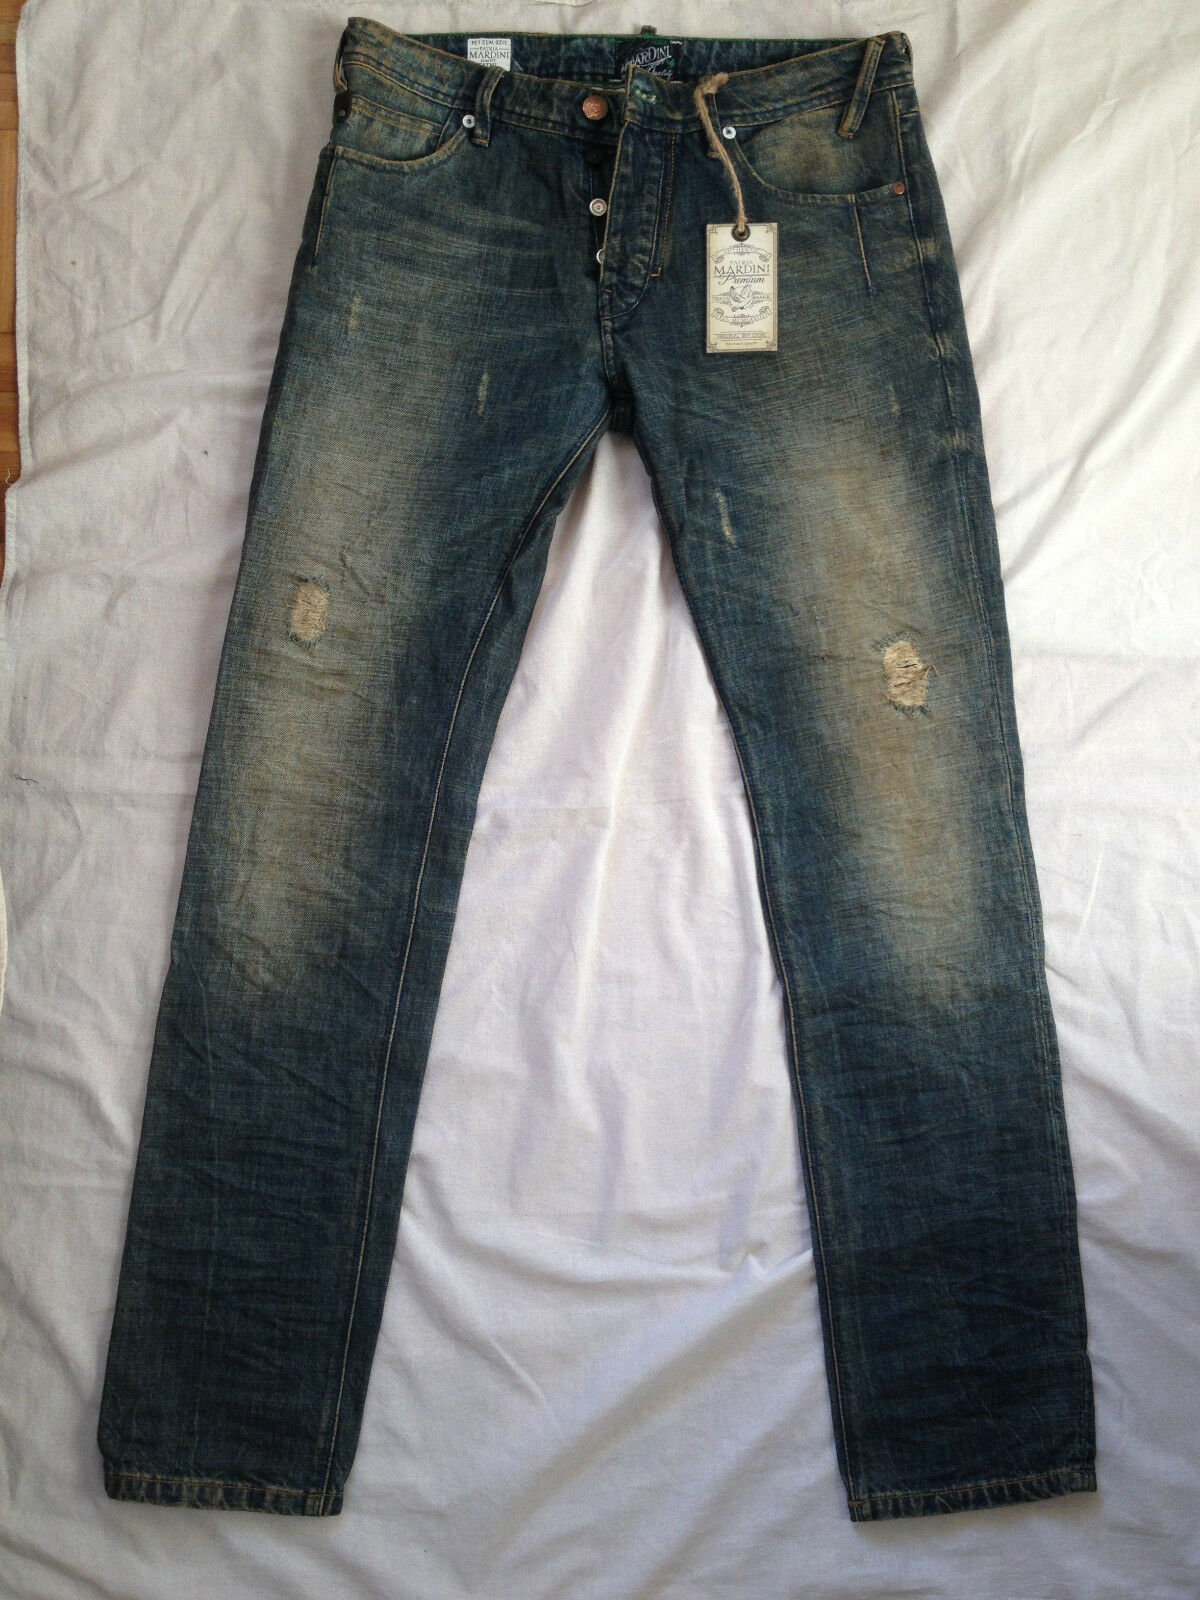 b3b1f909 PATRIA MARDINI PREMIUM DENIM MODEL FATHI SLIM FIT W32 X L34 nqriyh3344-Jeans